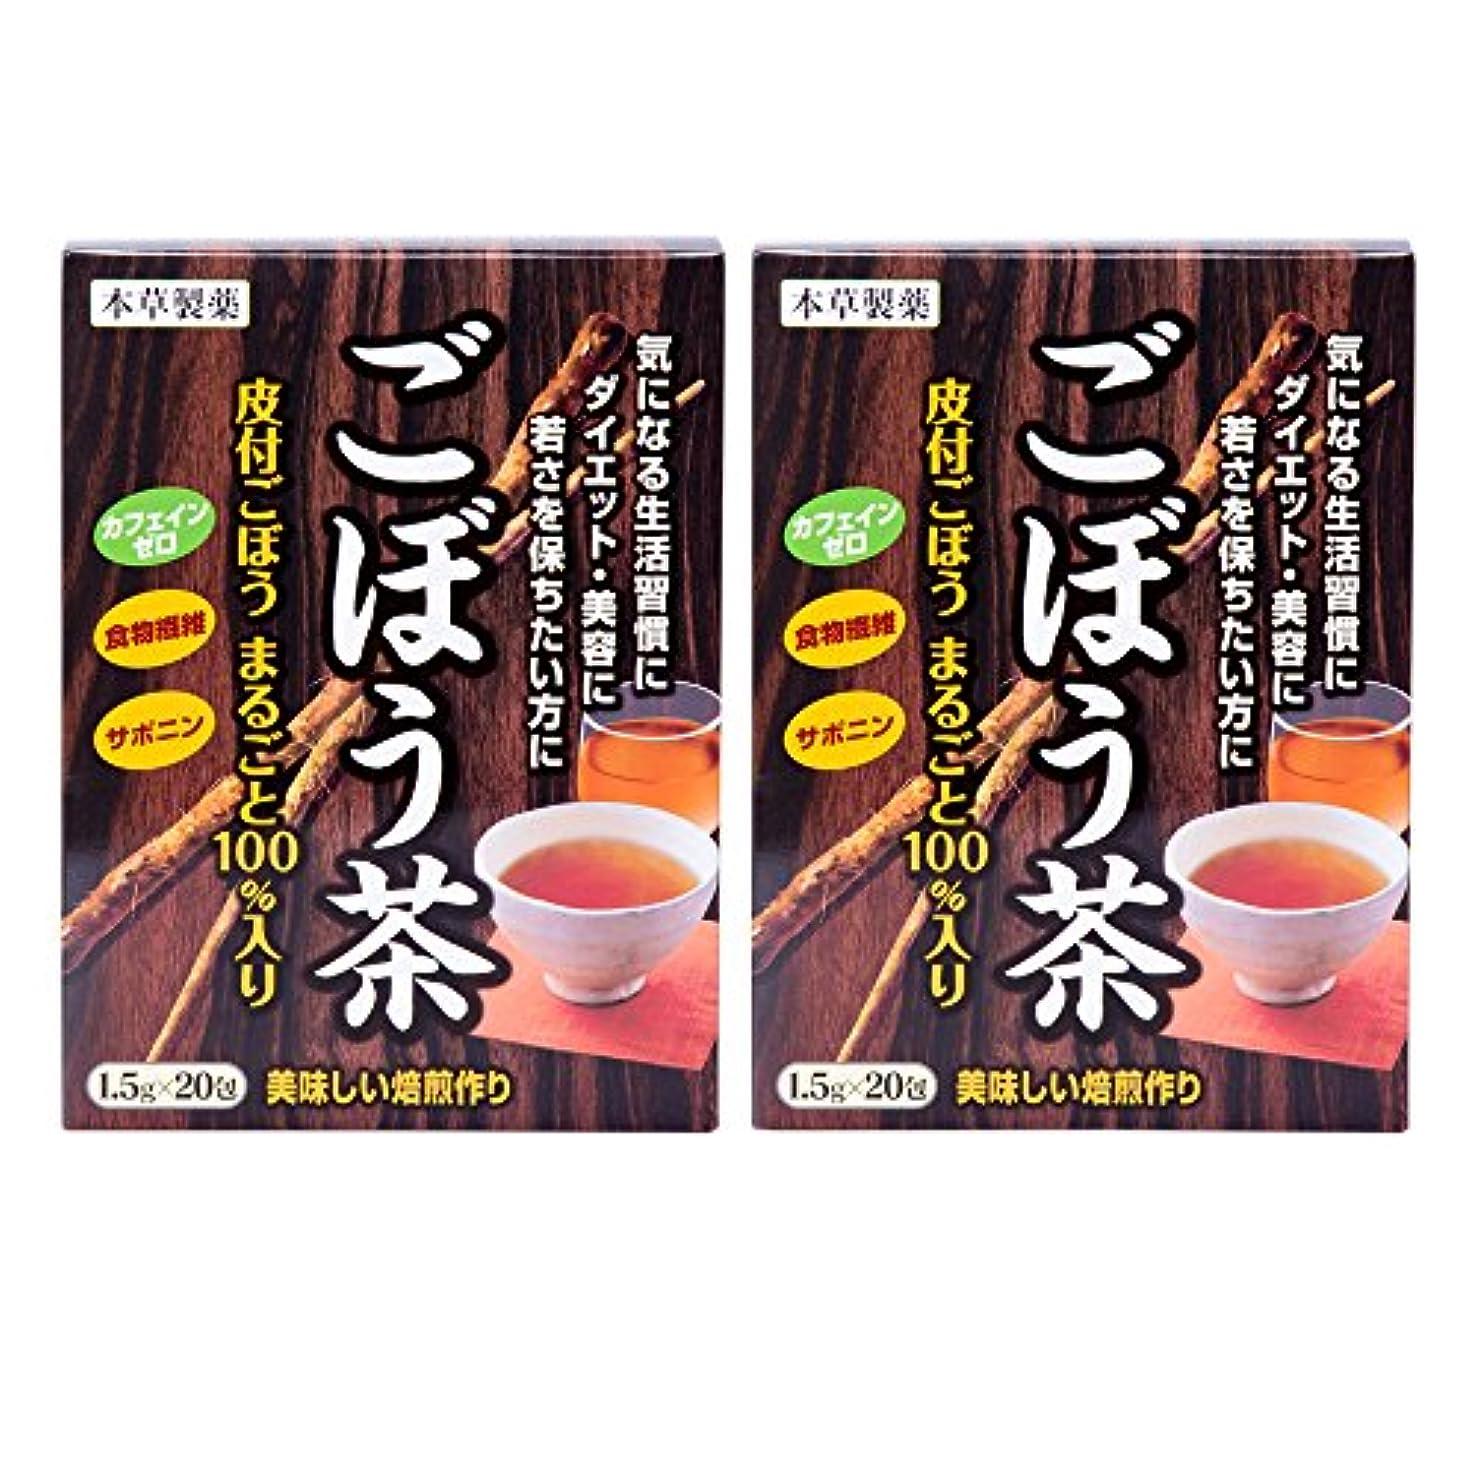 くちばしスコットランド人ハードリング本草製薬 ごぼう茶 2個セット